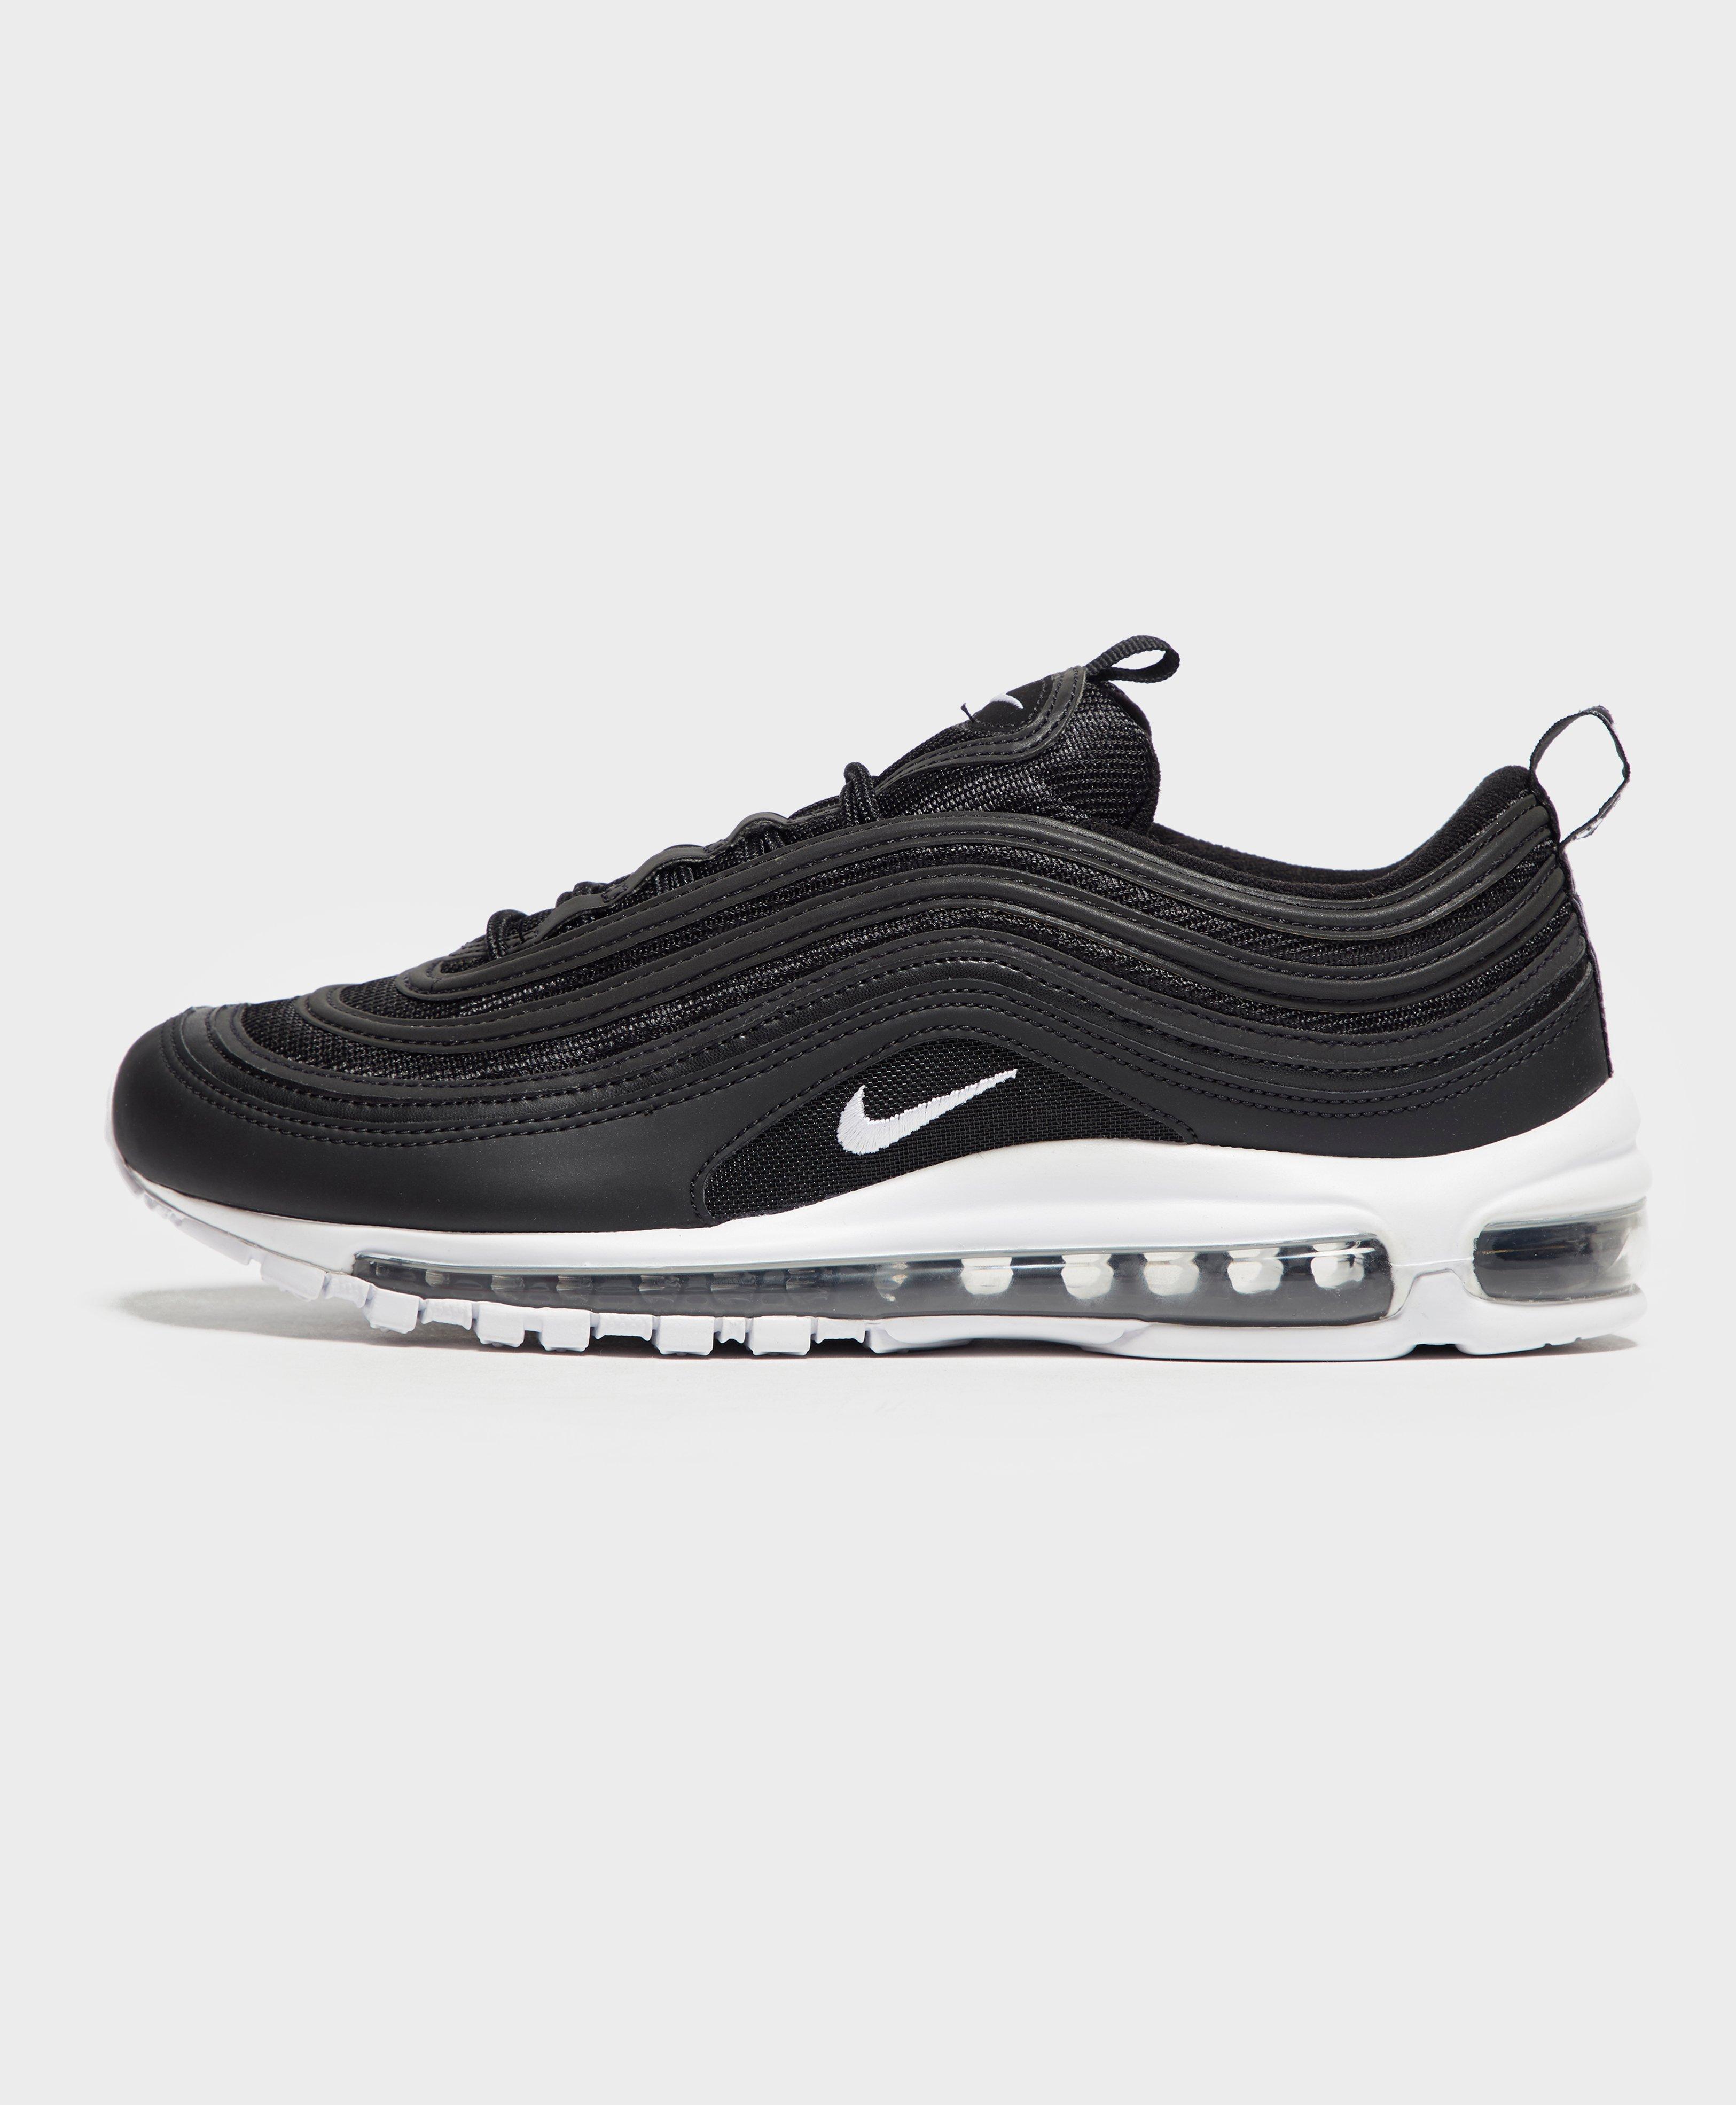 13de3b6de7 Lyst - Nike Air Max 97 in Black for Men - Save 7%